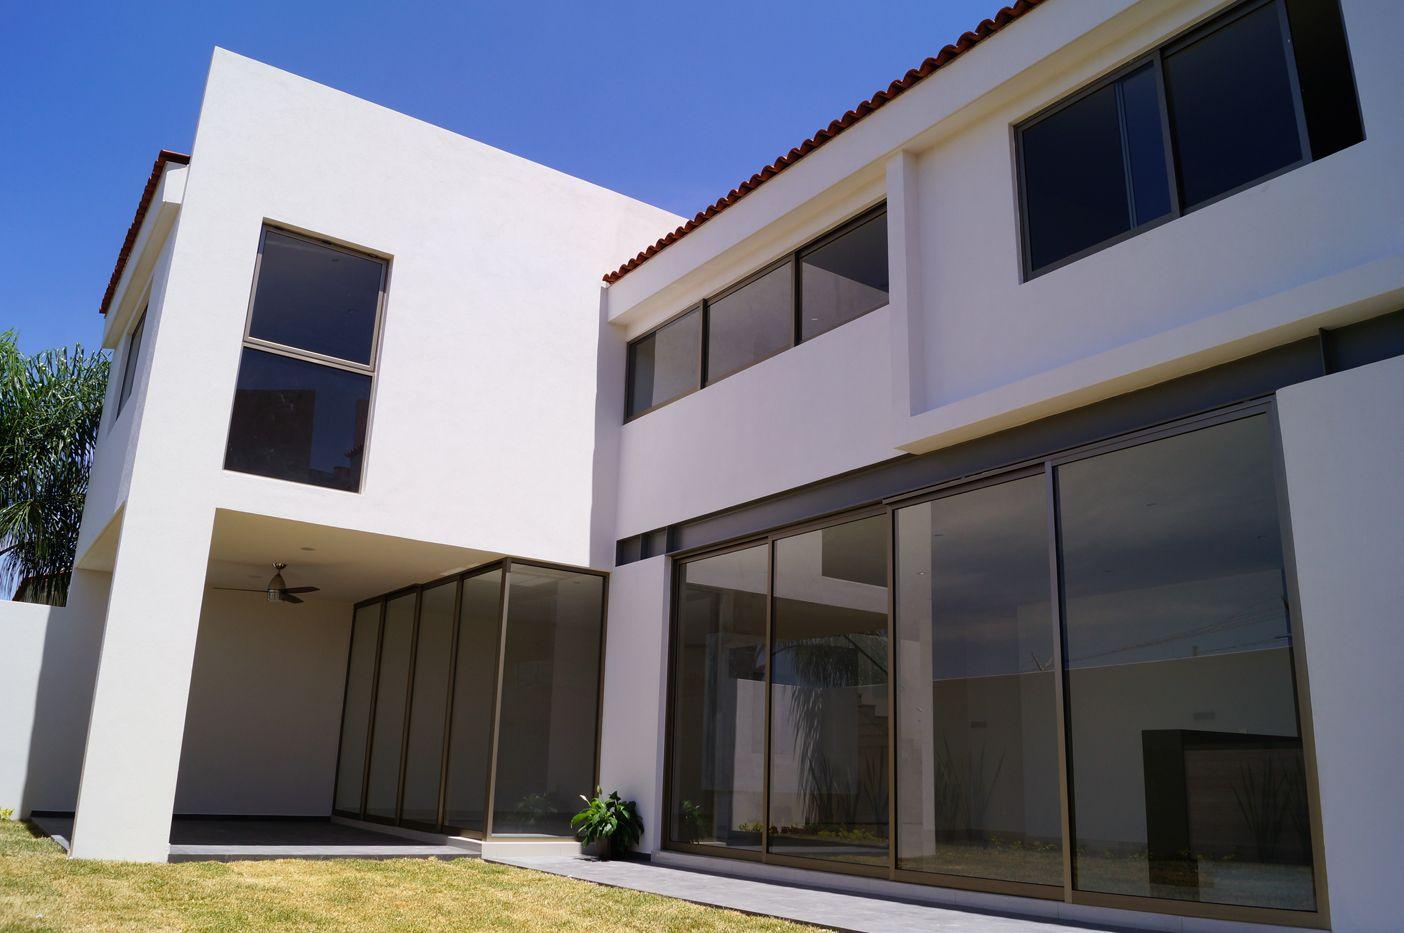 ROYAL COUNTRY 37 | Giraldo Arquitectos